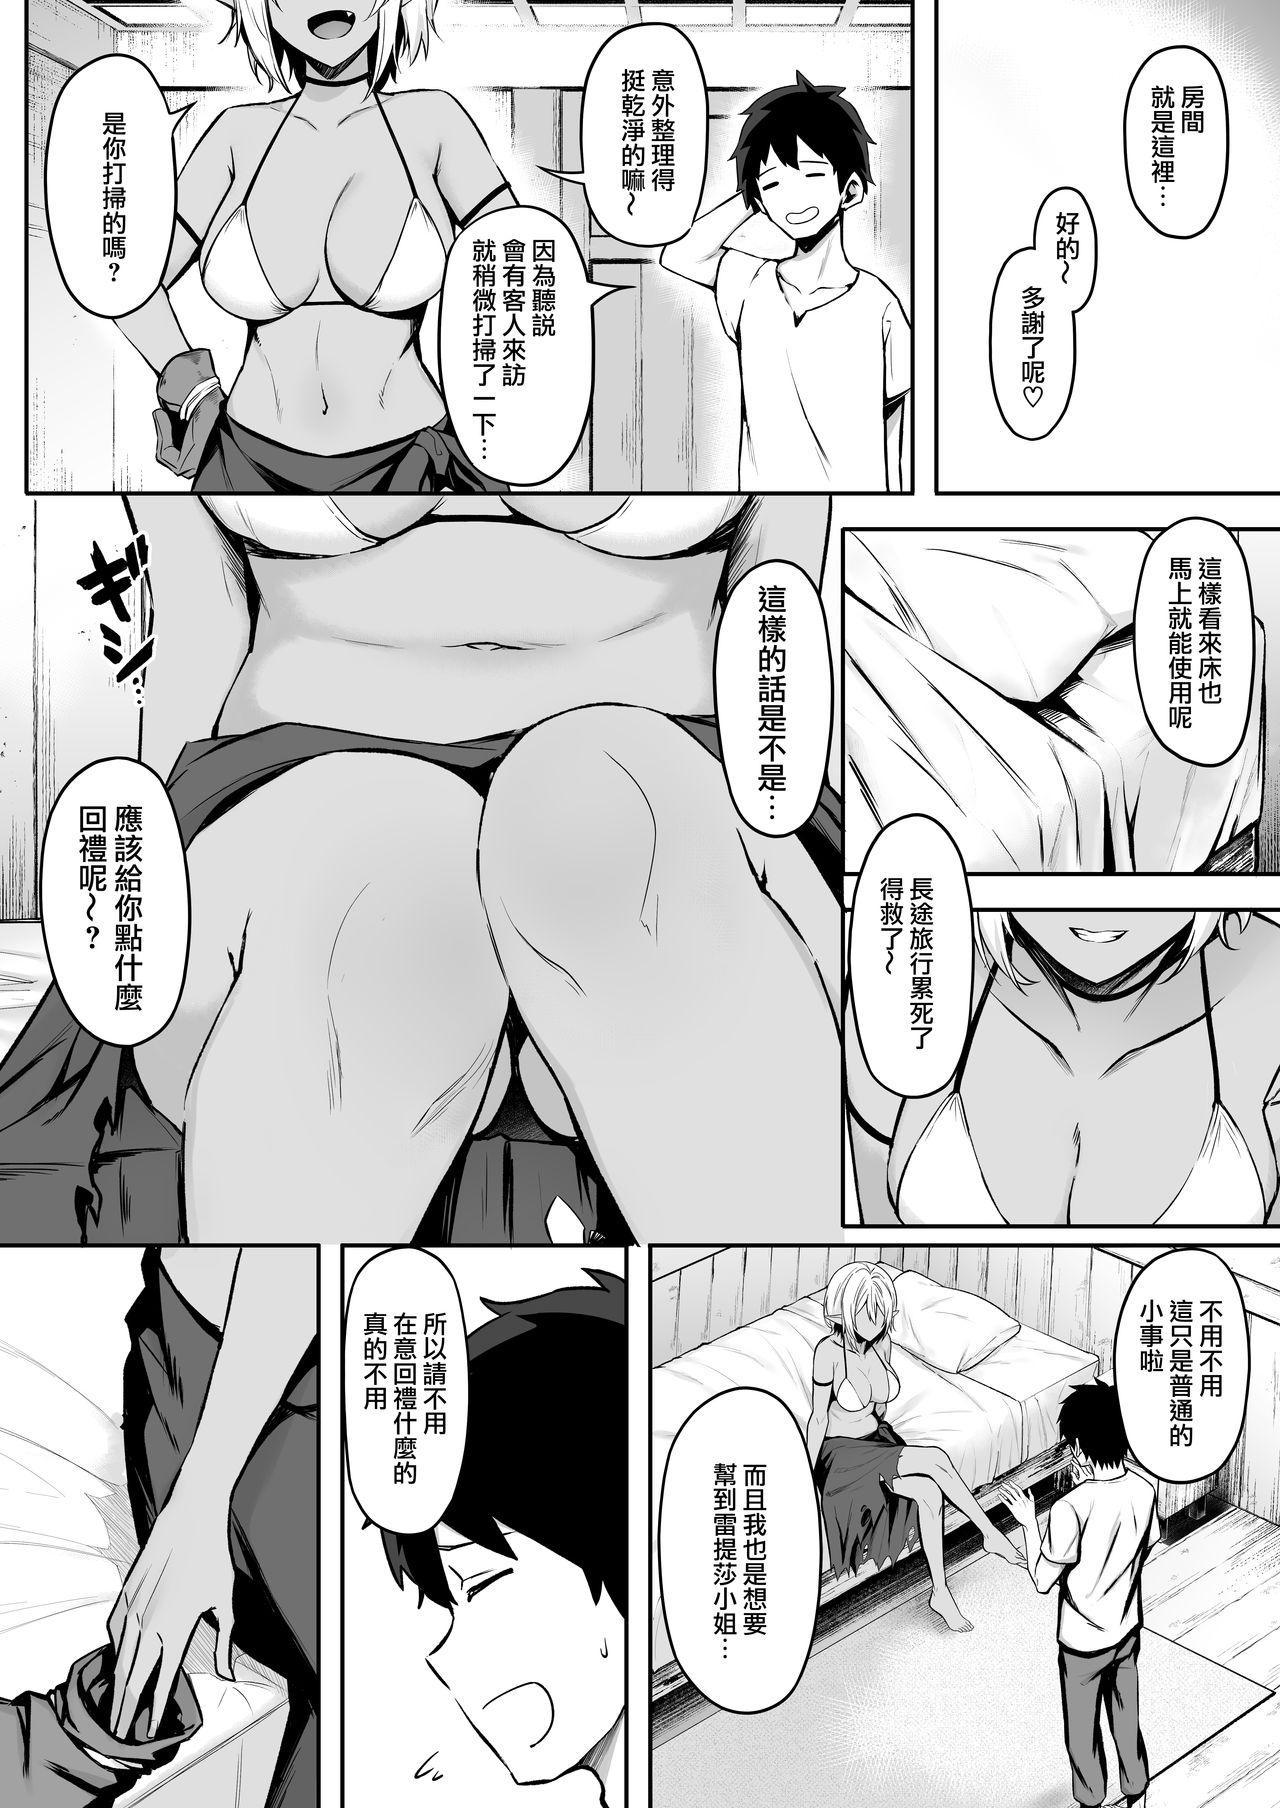 Isekai Shoukan II Elf na Onee-san no Tomodachi wa Suki desu ka? 10